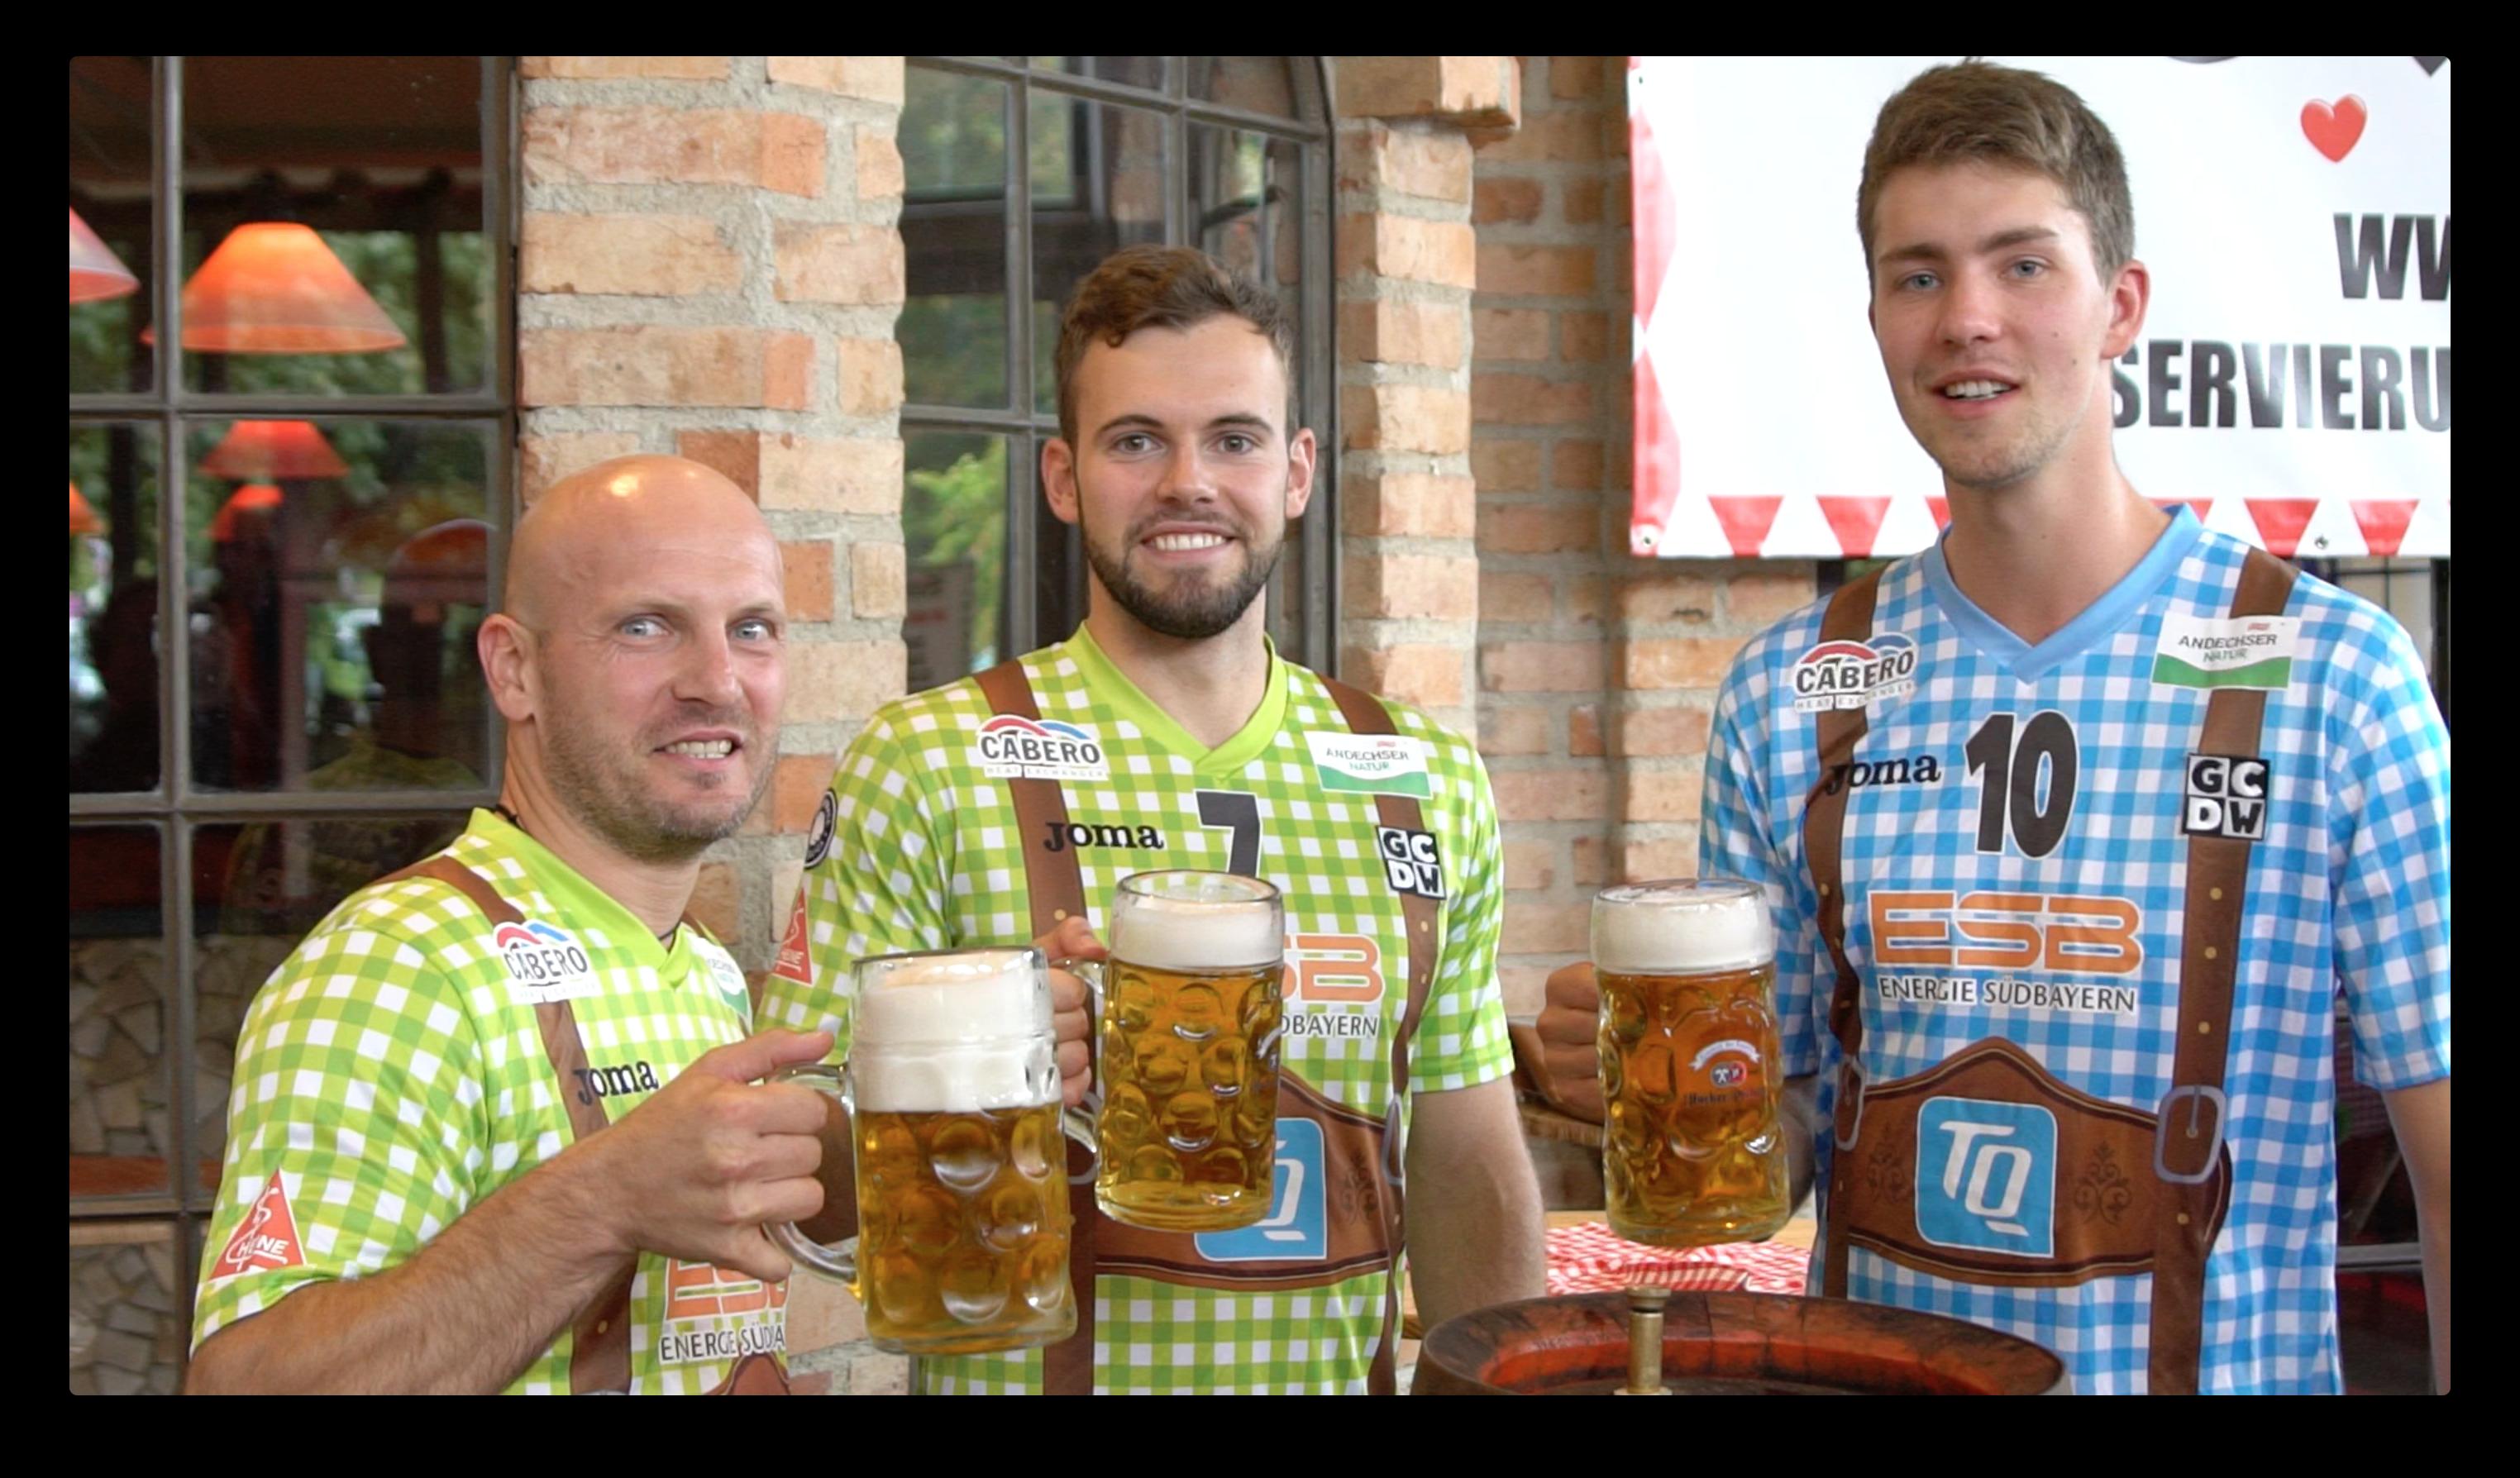 """""""Auf eine friedliche Wiesn"""". Michal Sladecek, Martin Krueger und Tom Strohbach werden Wiesn Champions 2017."""